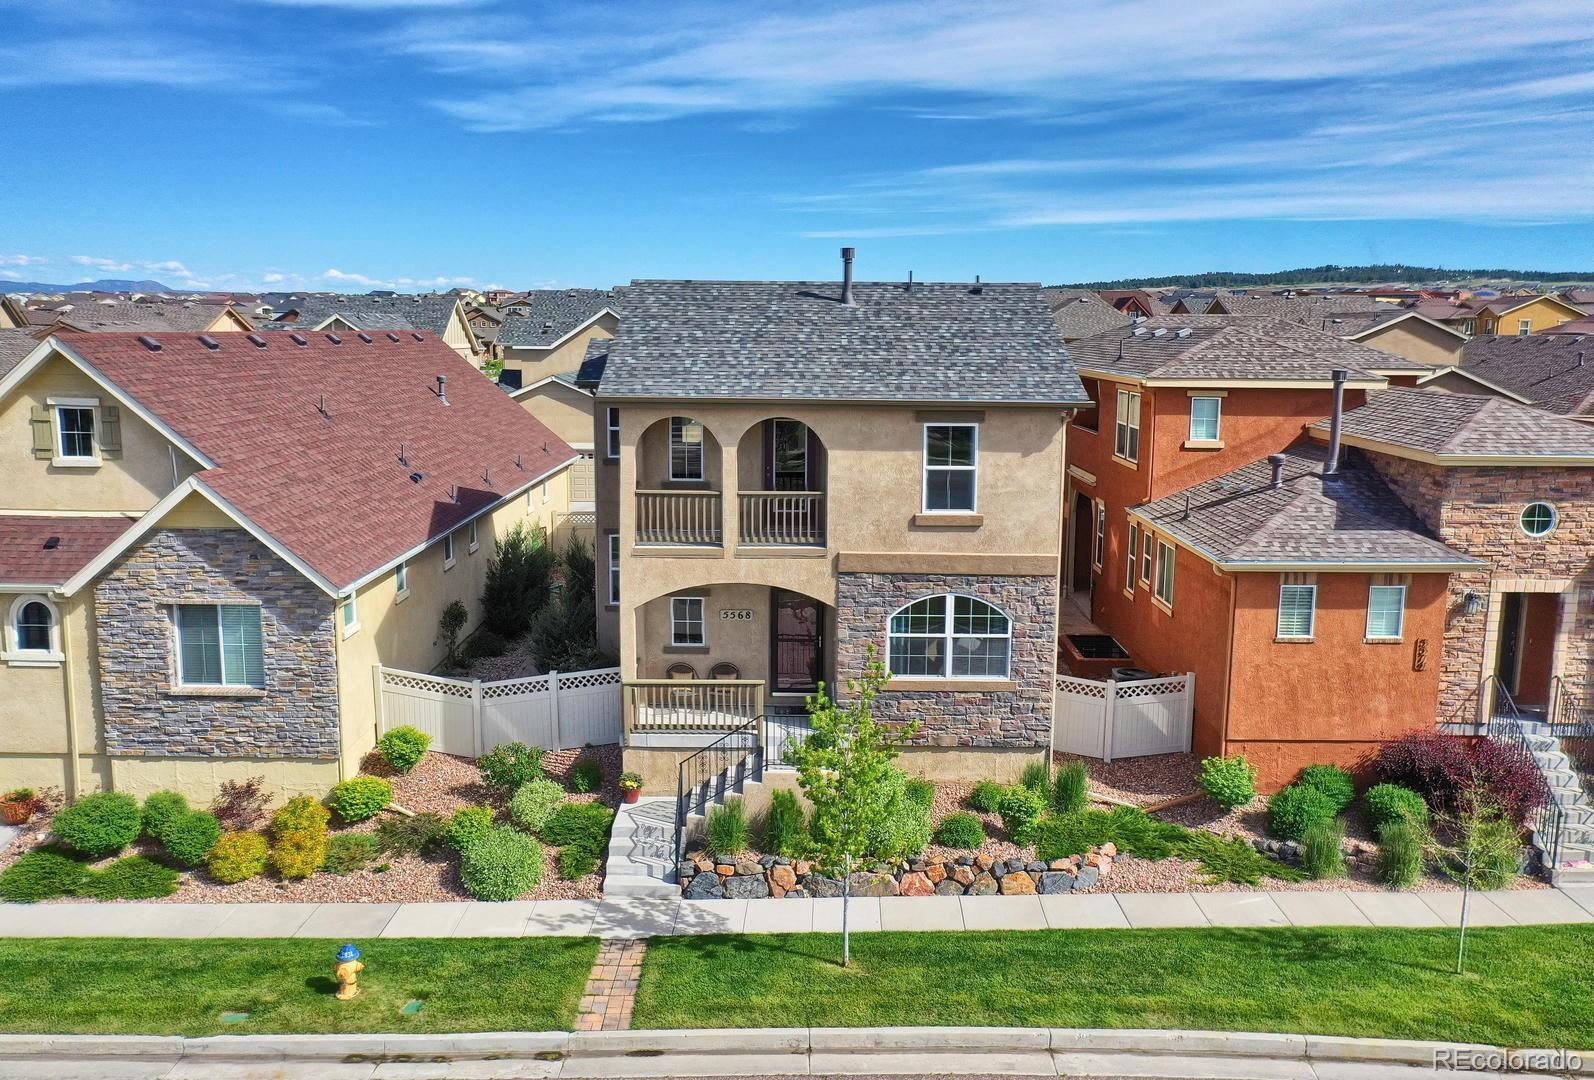 MLS# 6225803 - 30 - 5568 Blue Moon Drive, Colorado Springs, CO 80924